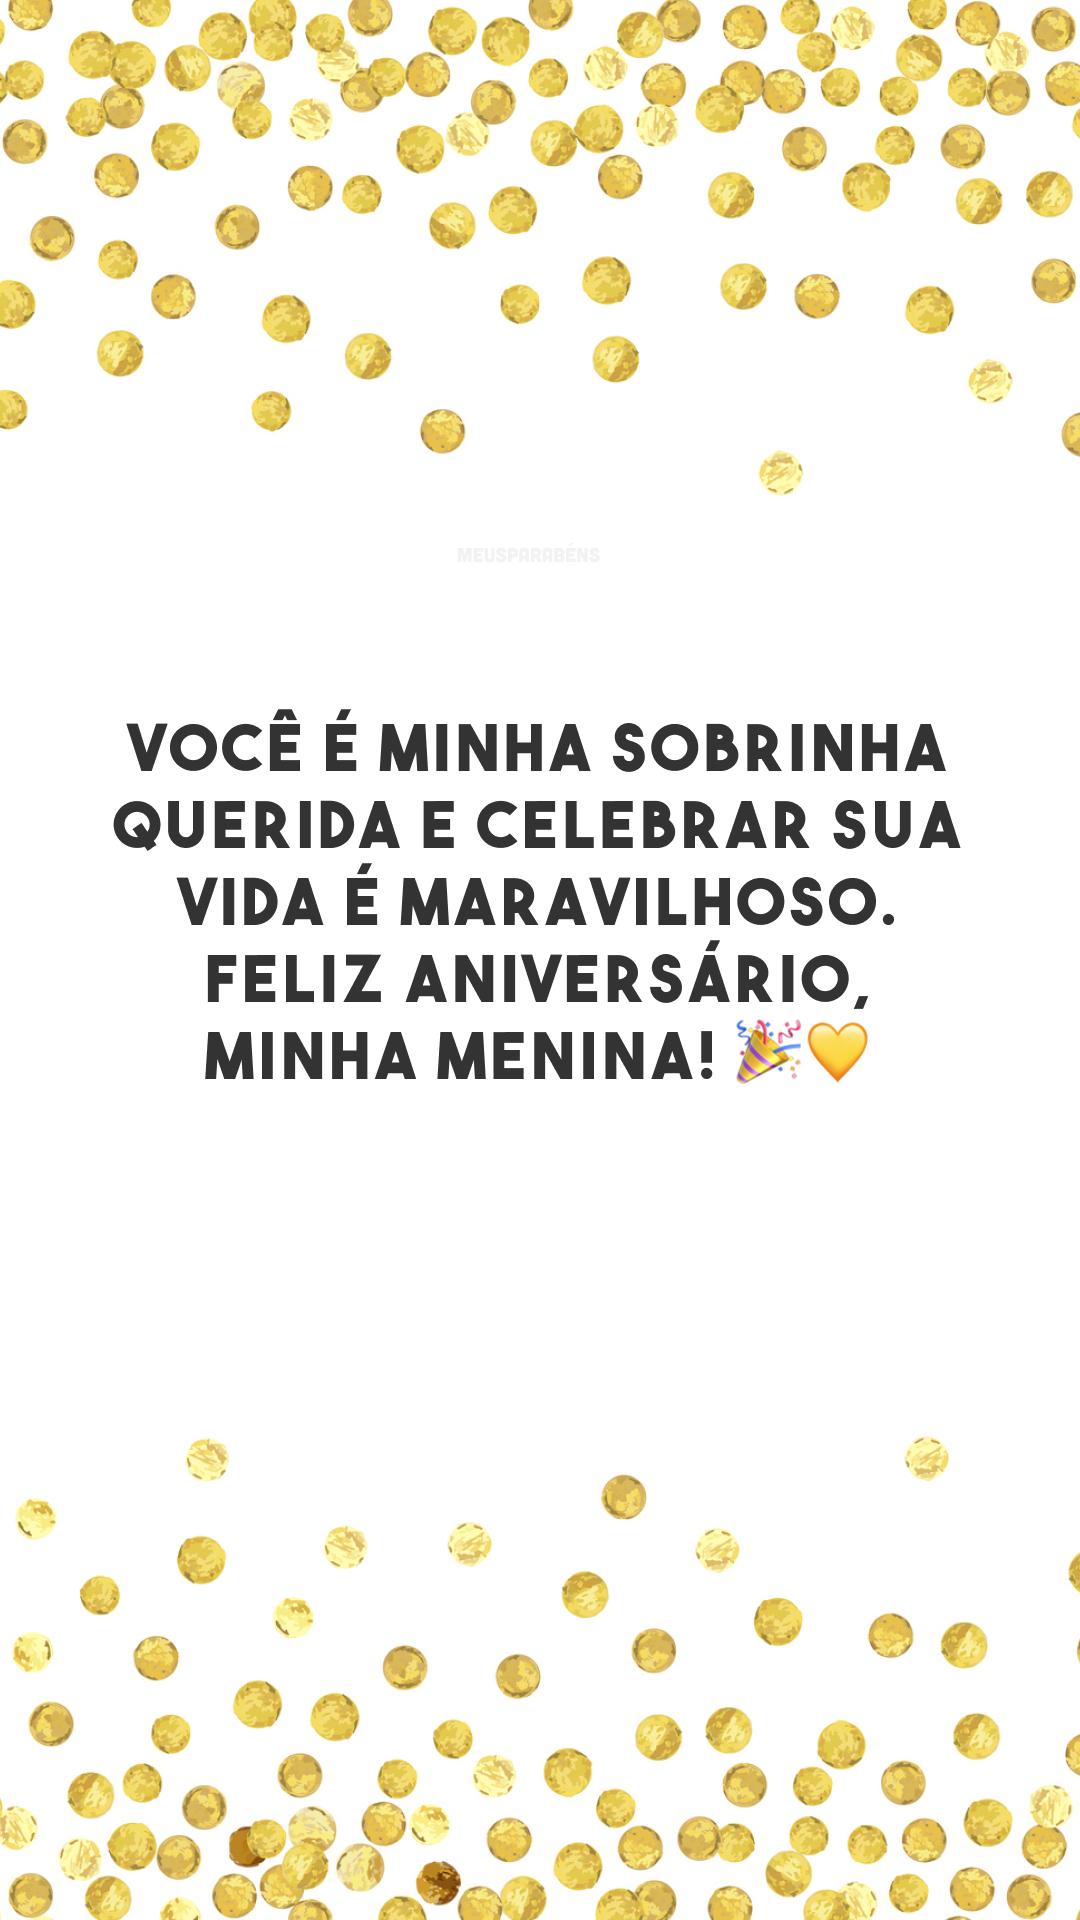 Você é minha sobrinha querida e celebrar sua vida é maravilhoso. Feliz aniversário, minha menina! 🎉💛